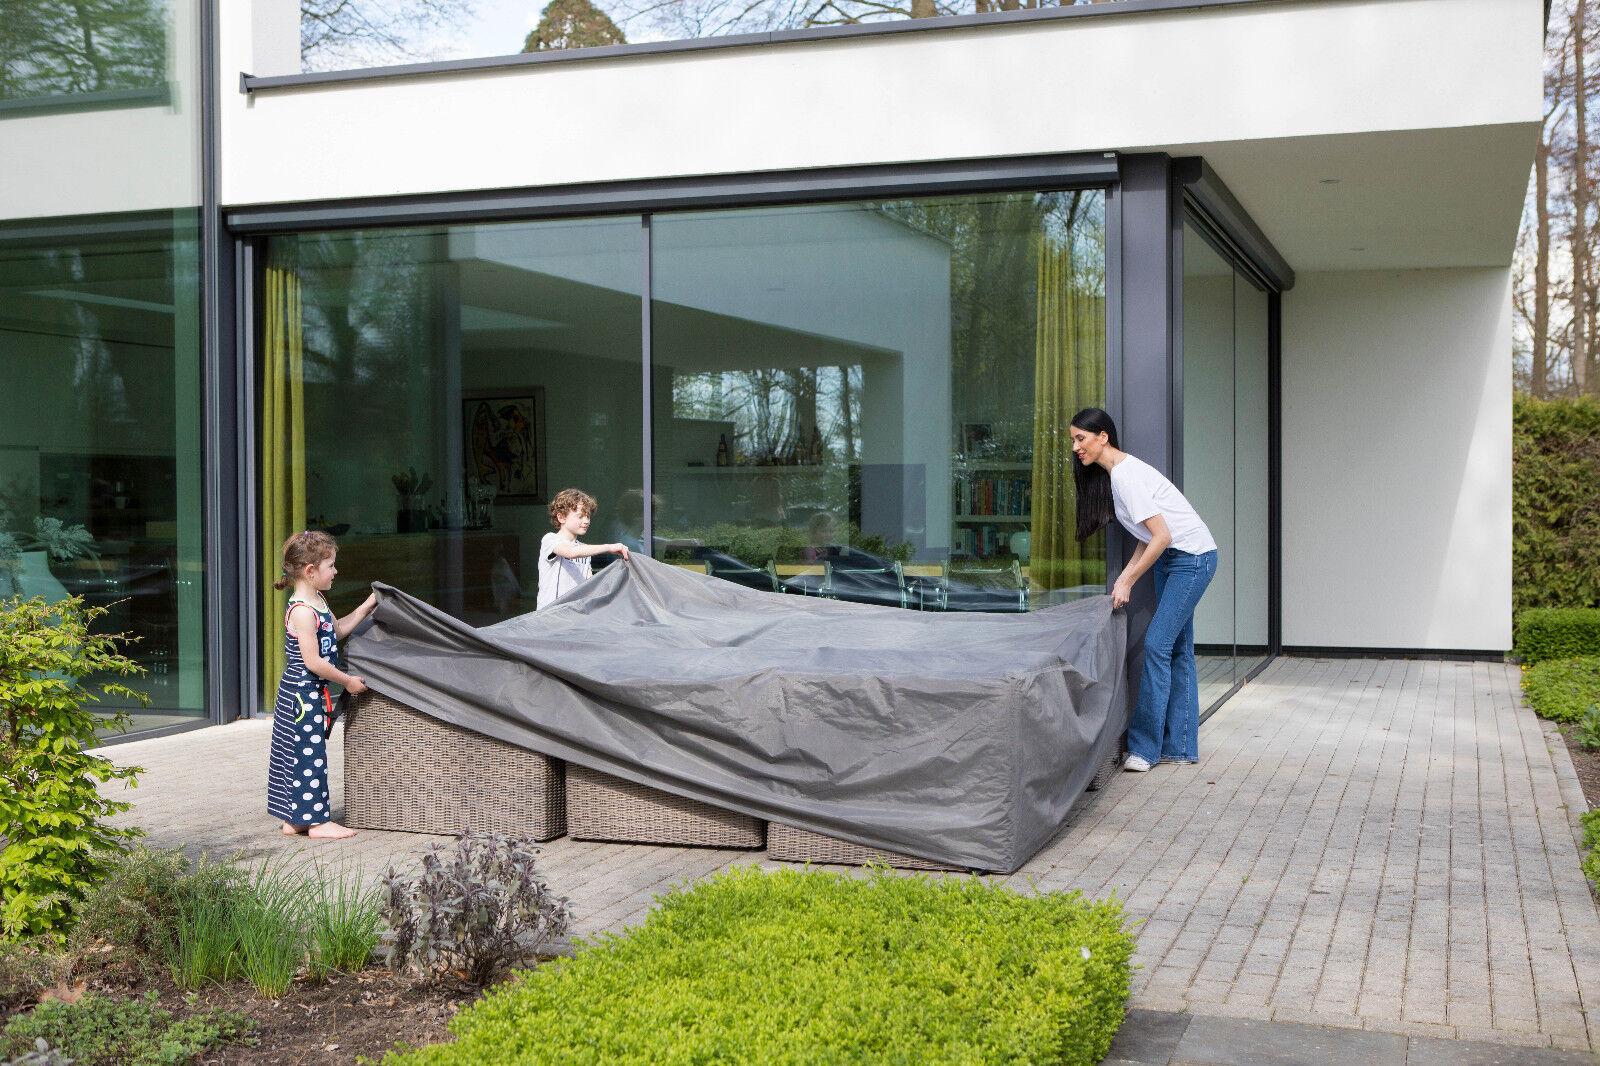 Premium Schutzhülle für Loungegruppen 280x230x80cm     | Treten Sie ein in die Welt der Spielzeuge und finden Sie eine Quelle des Glücks